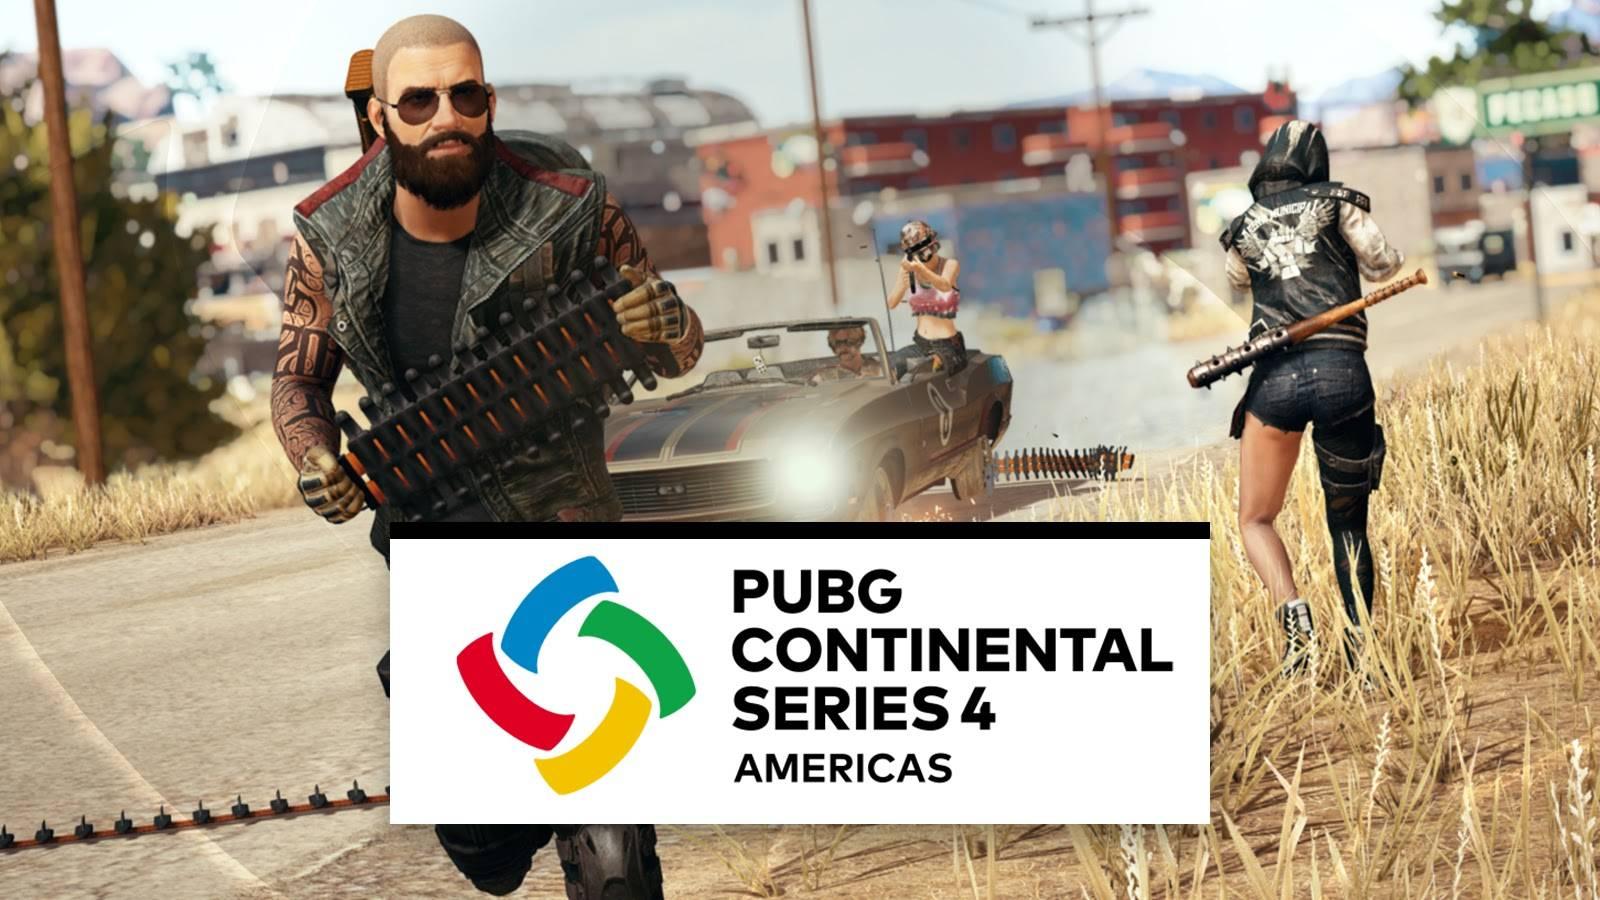 PUBG: Continental Series 4 Ya tiene a los 16 finalistas de américa.